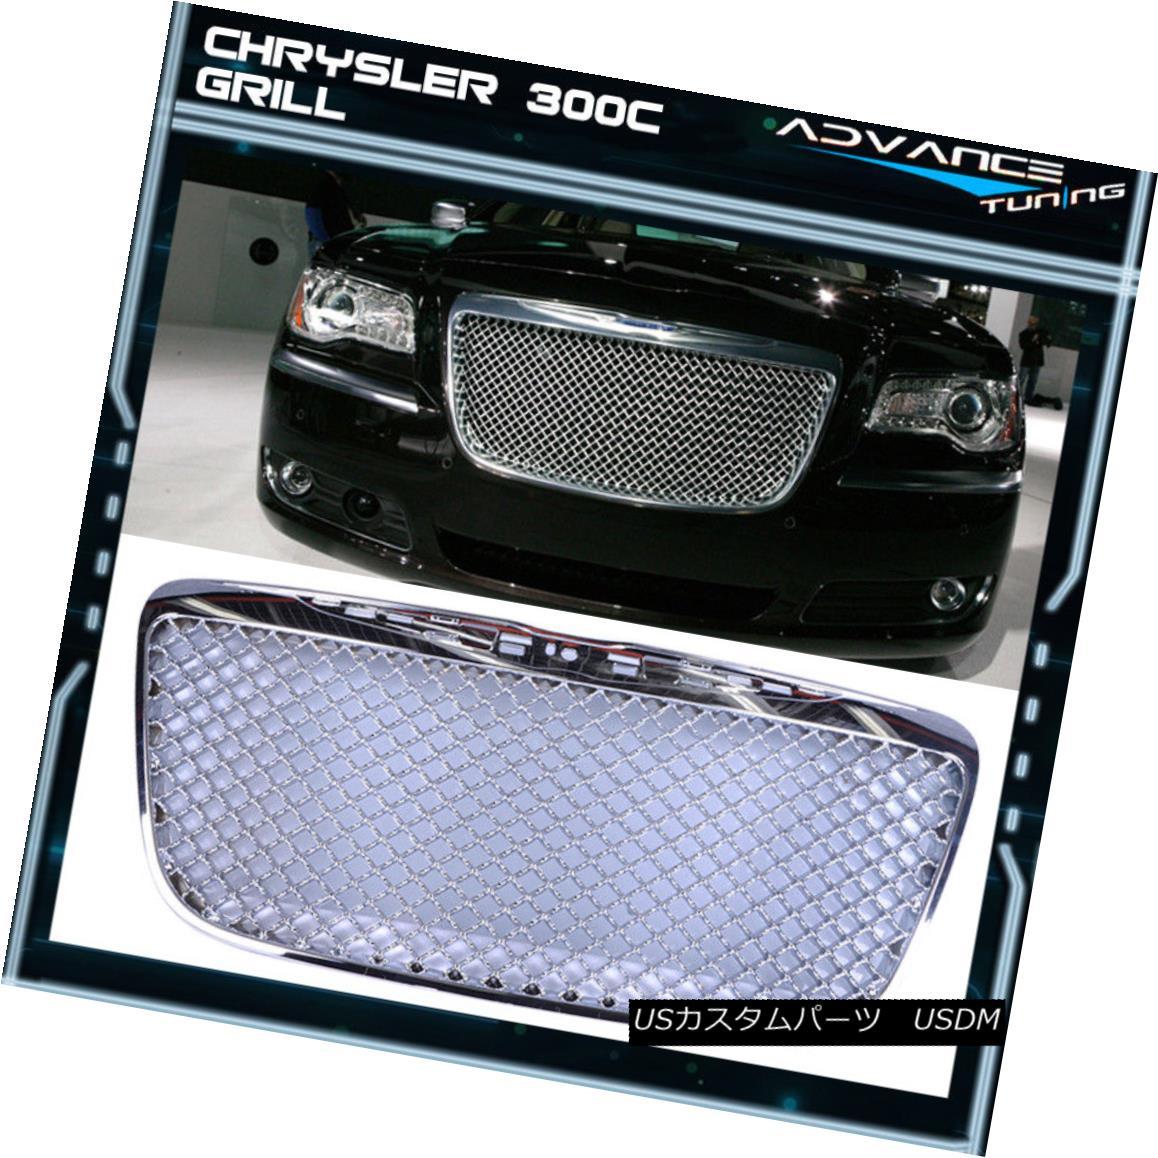 グリル For 11-14 Chrysler 300 300C B-Style Front Mesh Grill Grille Chrome 11-14クライスラー300 300C Bスタイルフロントメッシュグリルグリルクローム